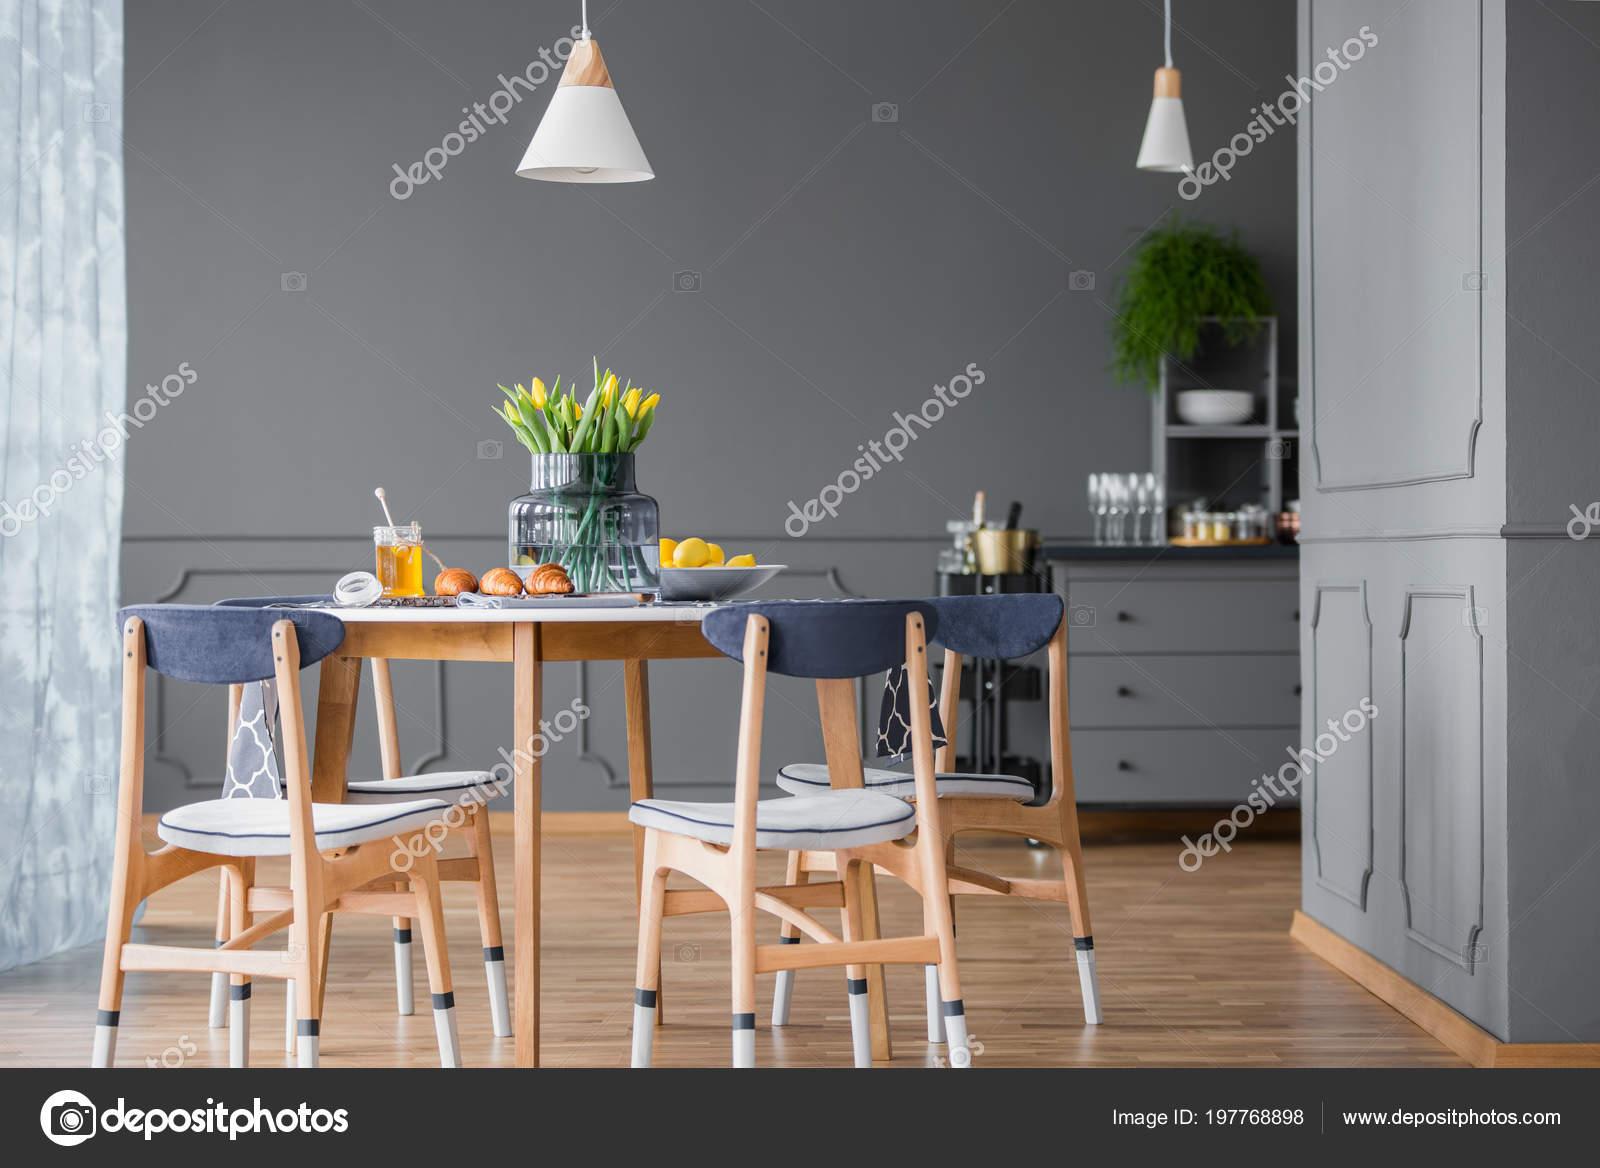 Eettafel met stoelen grijze keuken interieur met houten vloer